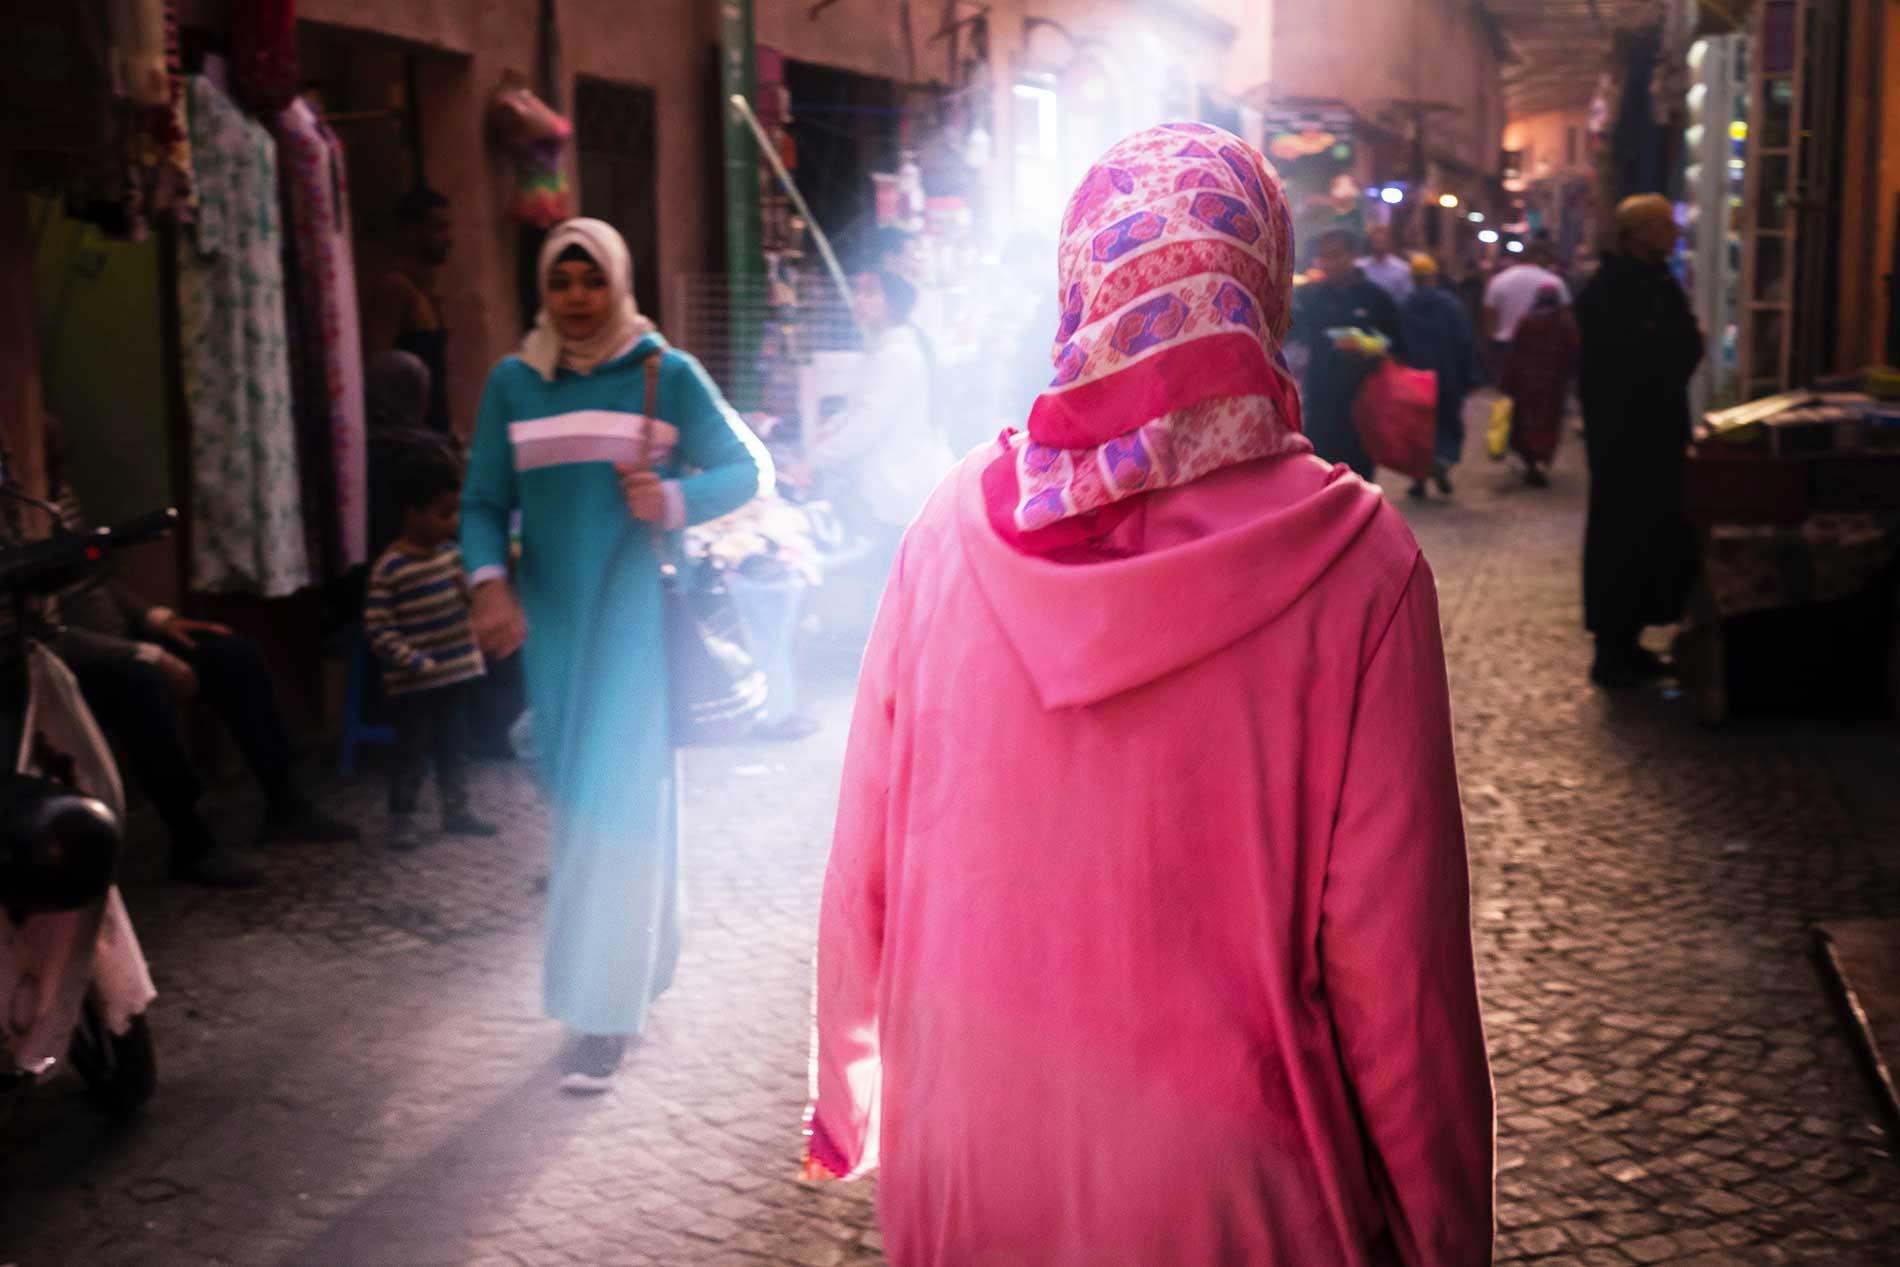 travel_photography_morocco_marrakech_martinfrick-1770